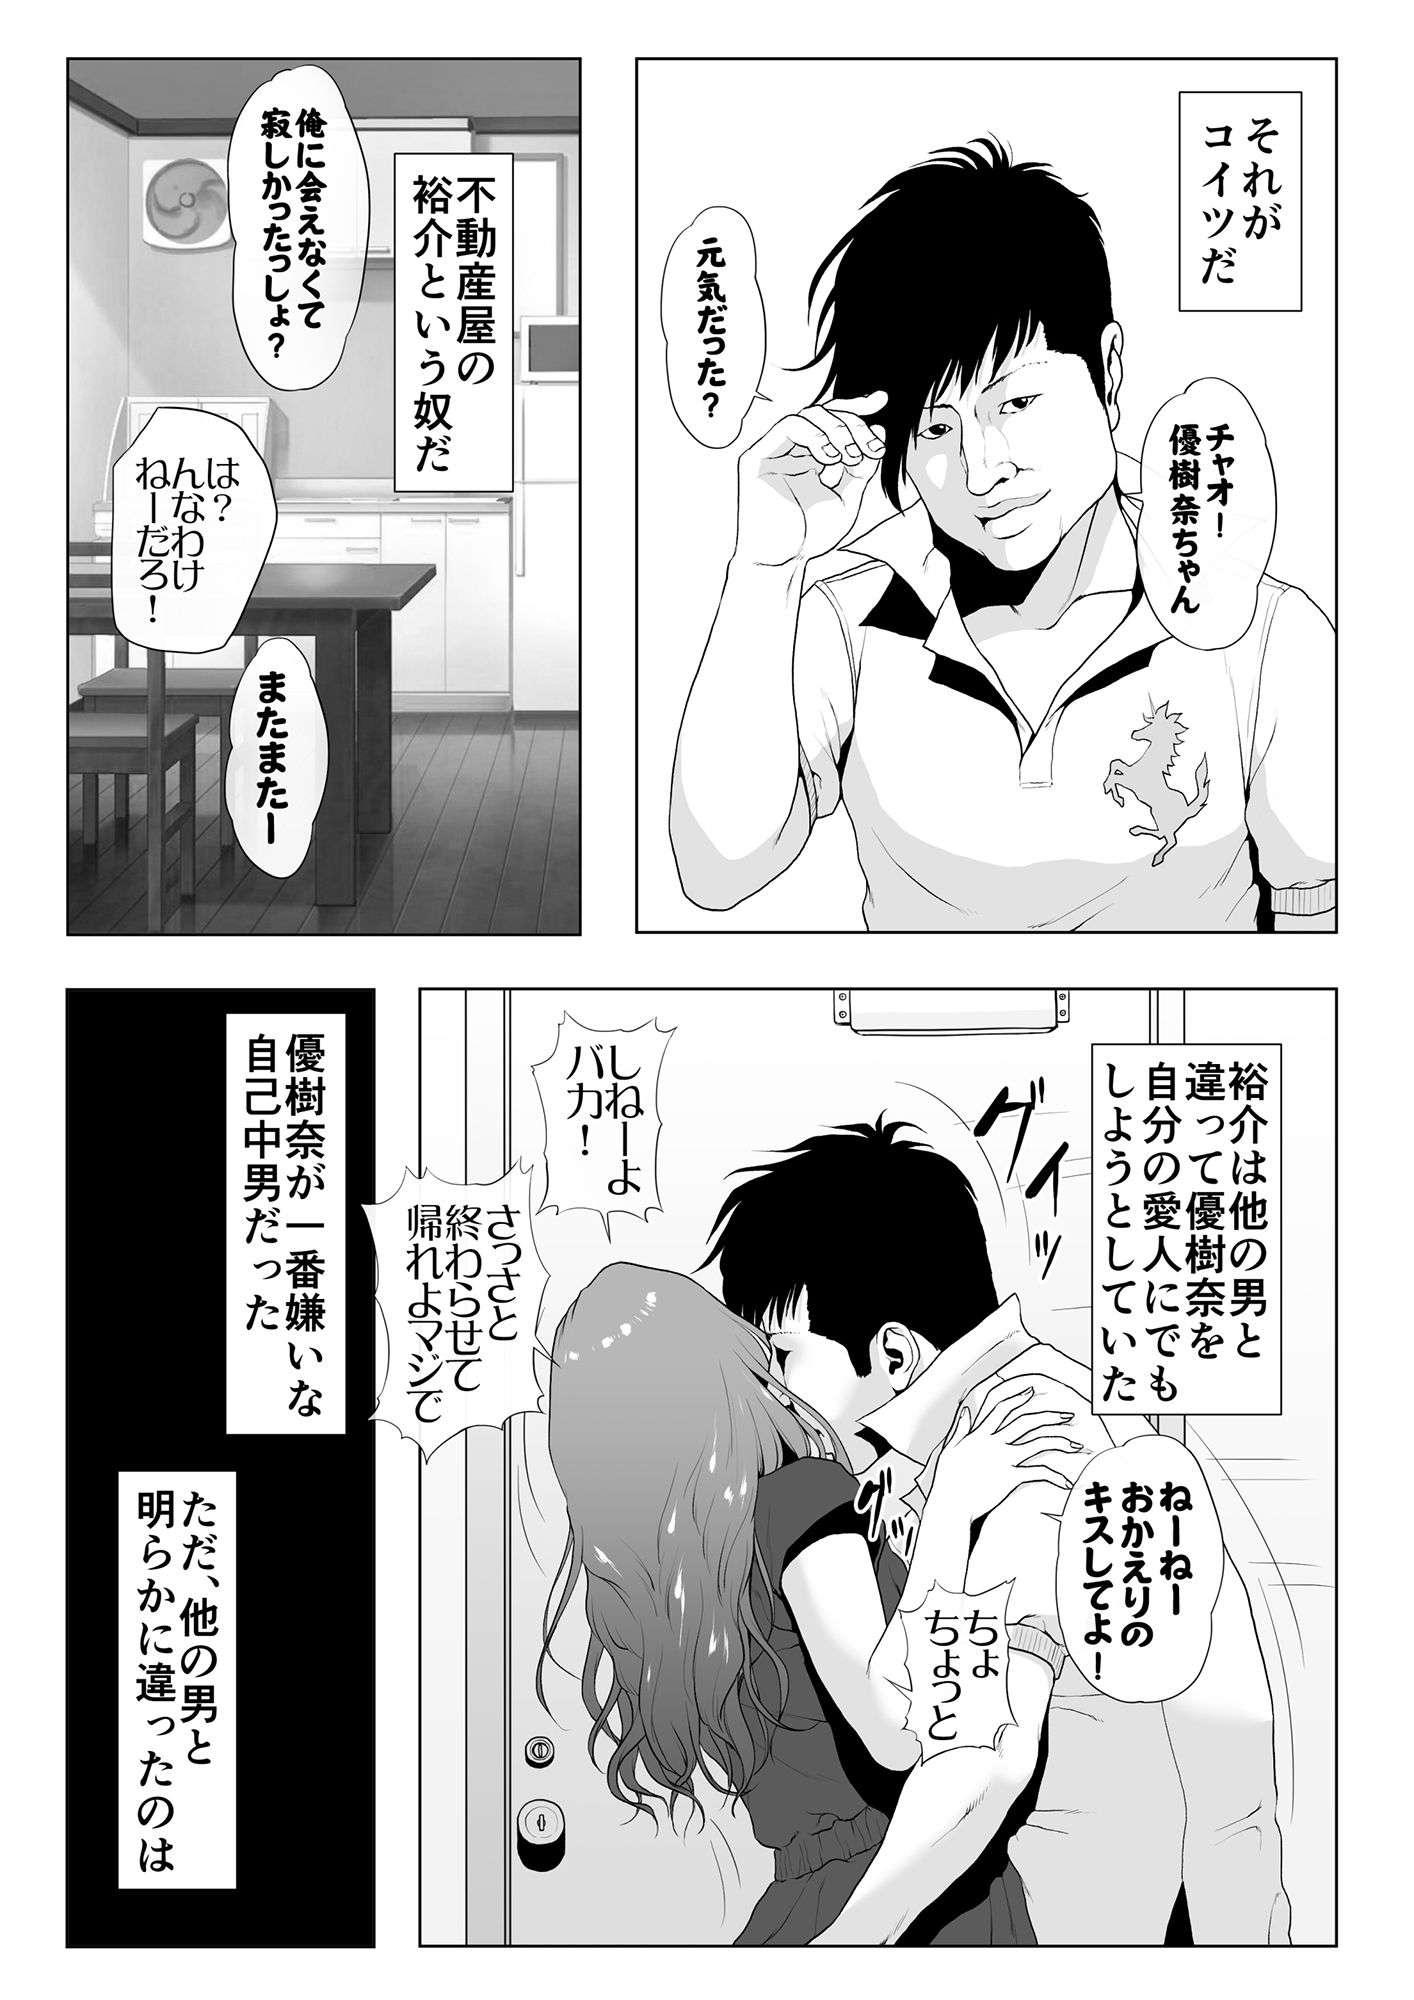 イキ癖をつけられた元ヤン妻【作者:Wの本能】【3】